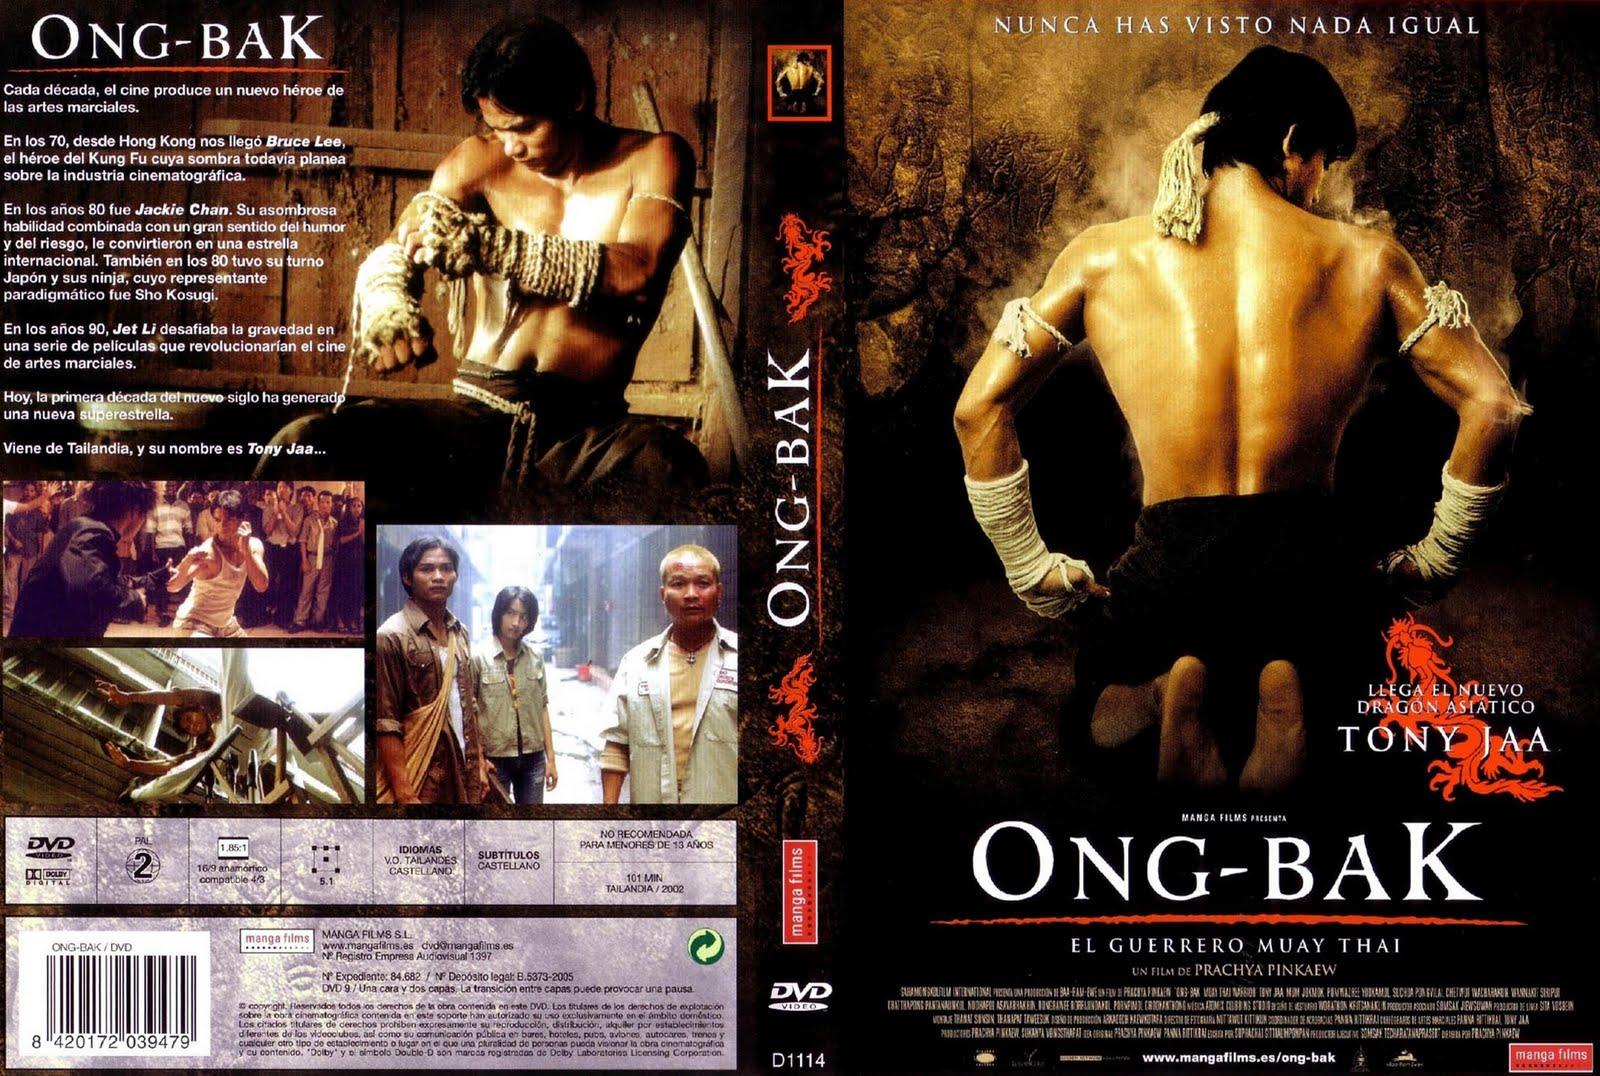 http://3.bp.blogspot.com/-Zu1bDFsatDM/Thc7rZZUOCI/AAAAAAAAAWE/PDl13RrLTS8/s1600/Ong_Bak_El_Guerrero_Muay_Thai-Caratula.jpg